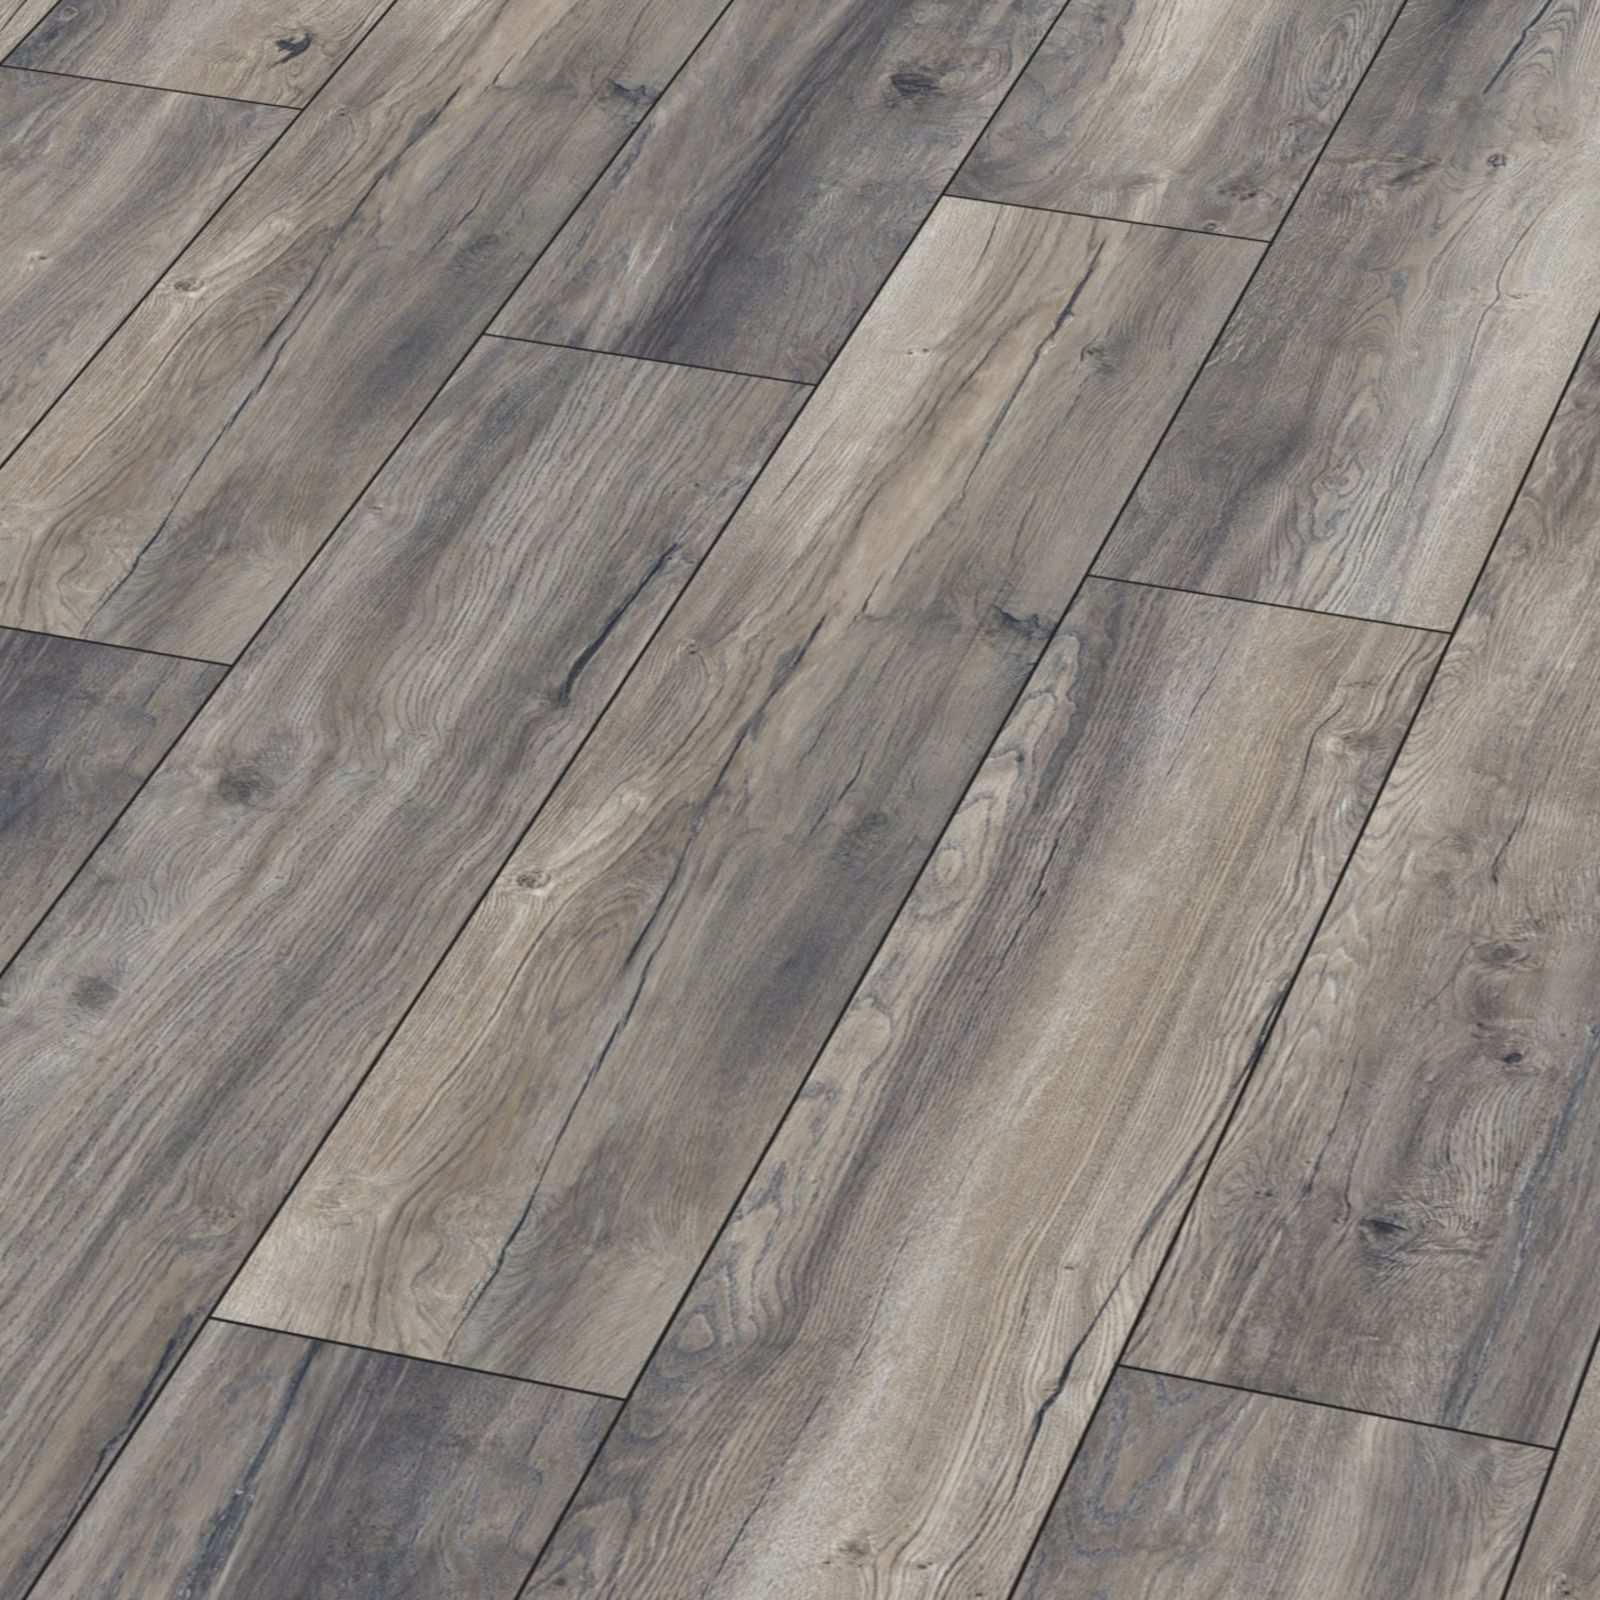 kronotex exquisit plus harbour oak grau d3572 laminat m u s t e r exquisit plus 8 mm. Black Bedroom Furniture Sets. Home Design Ideas